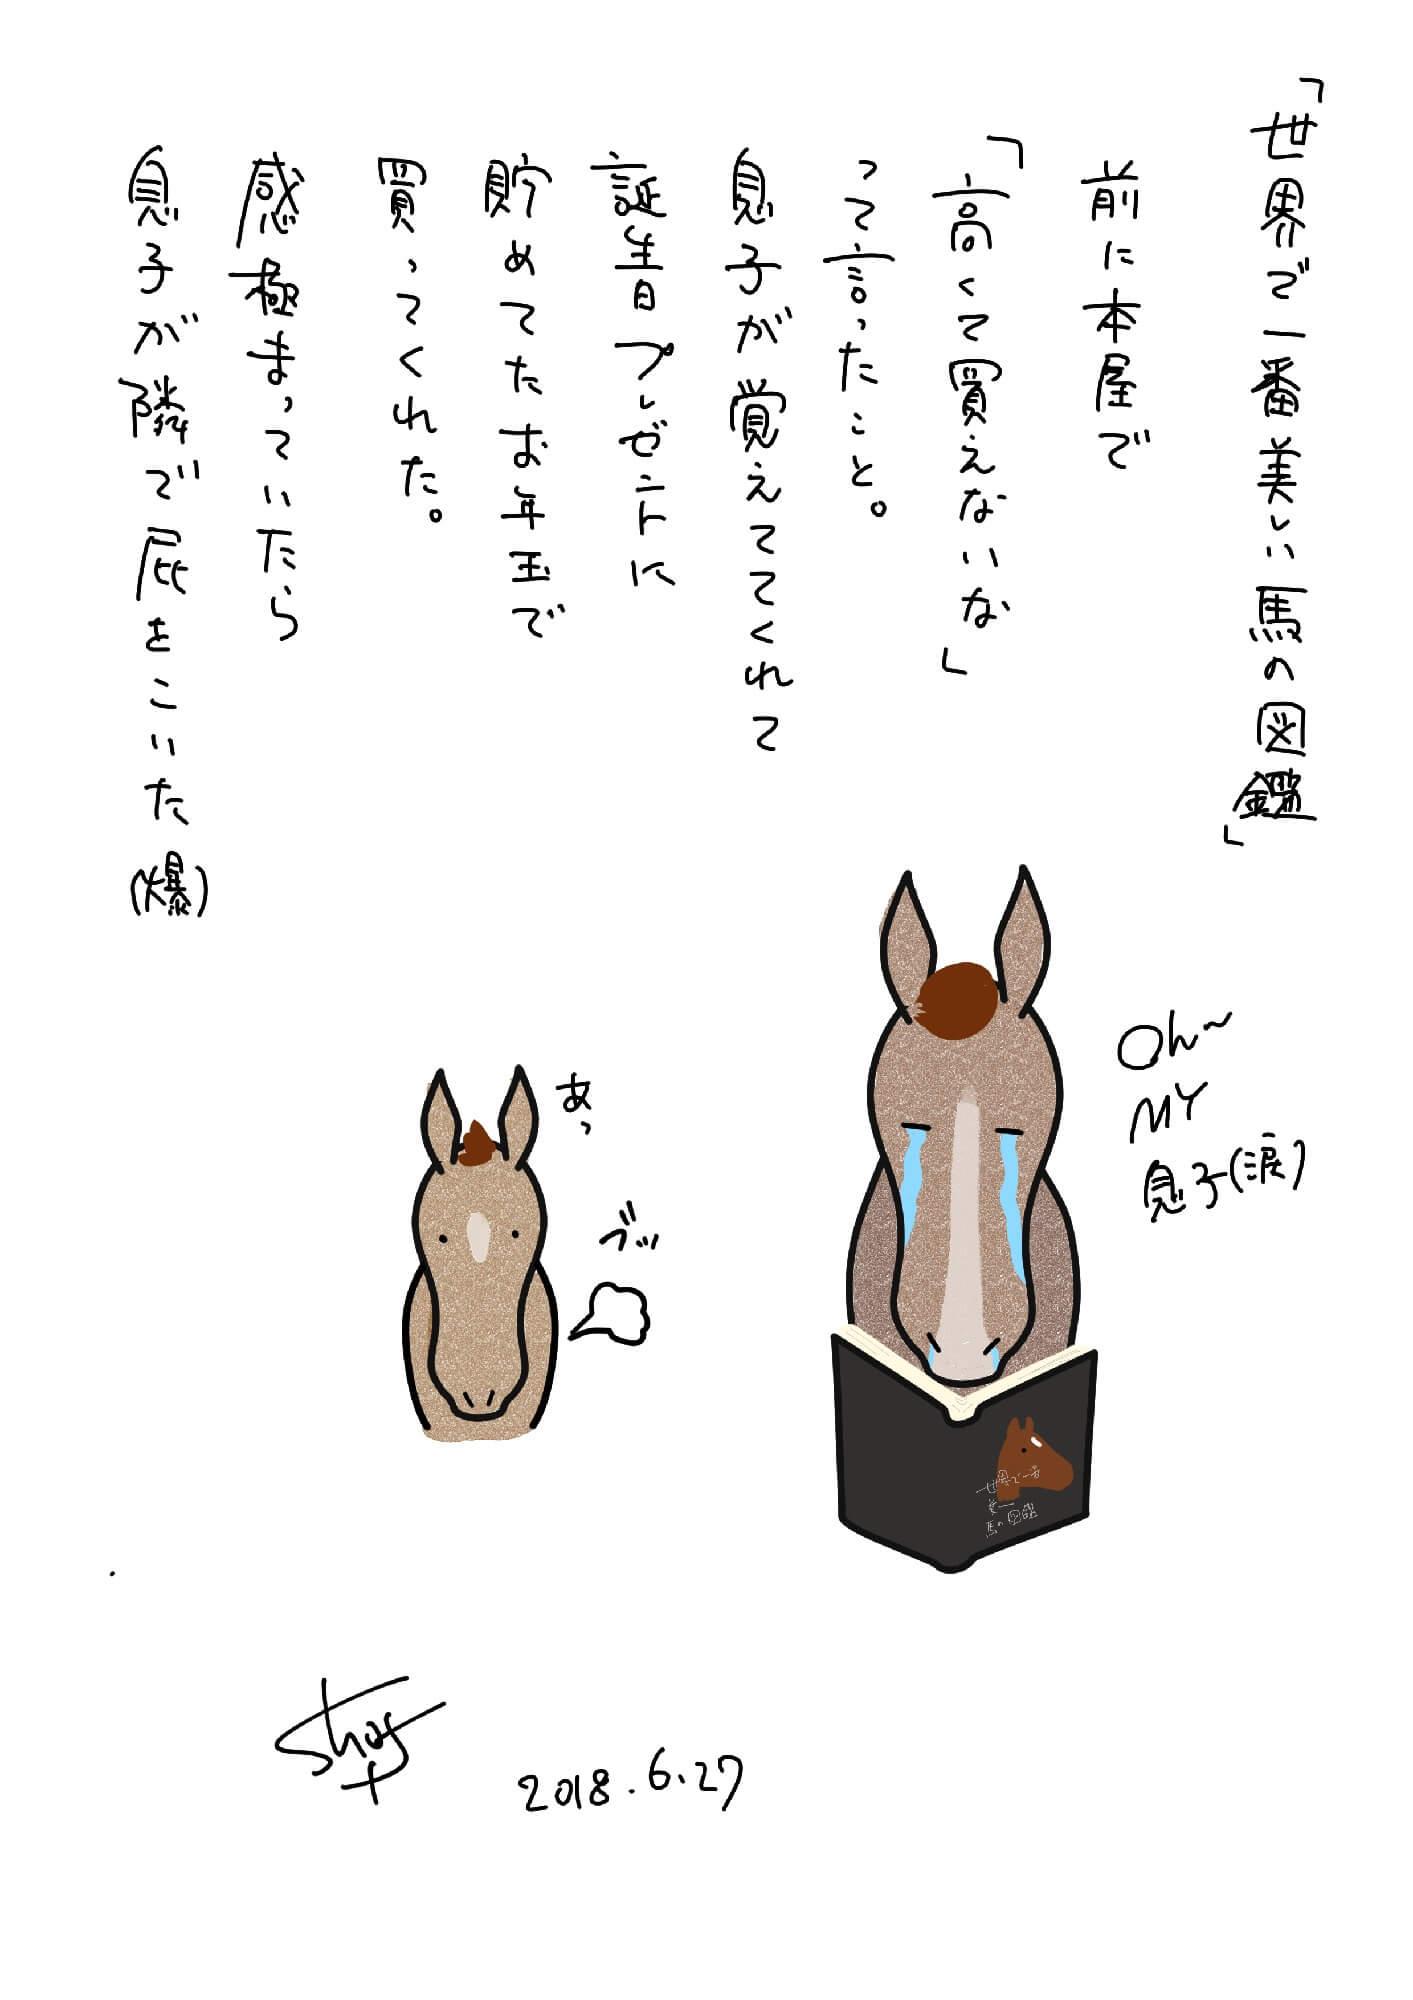 『世界で一番美しい馬の図鑑』